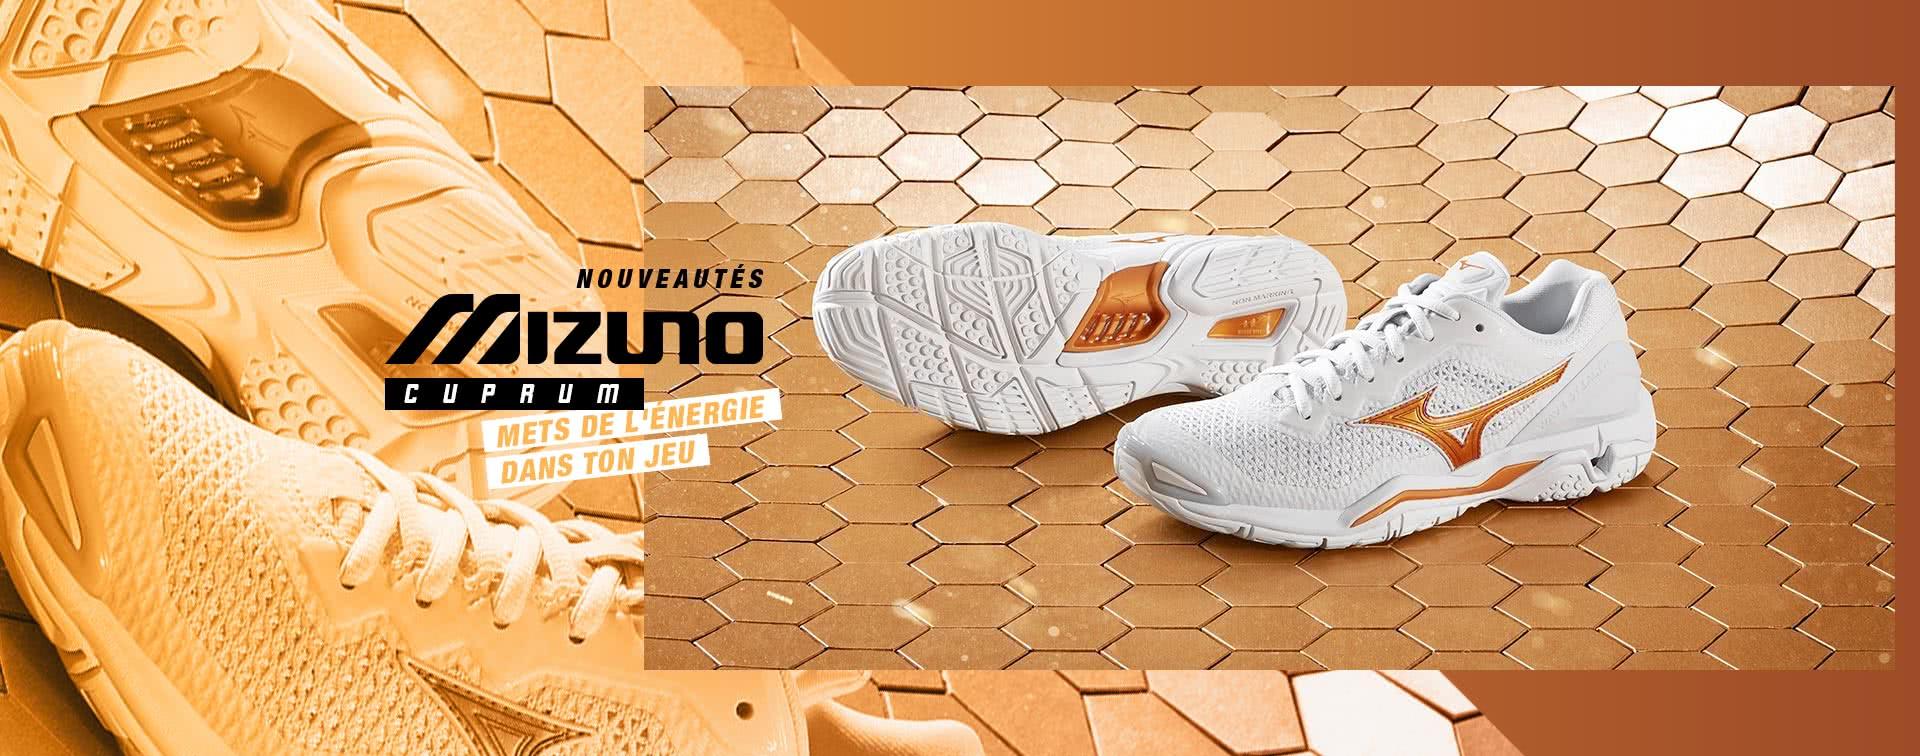 Nouvelles chaussures Mizuno Cuprum